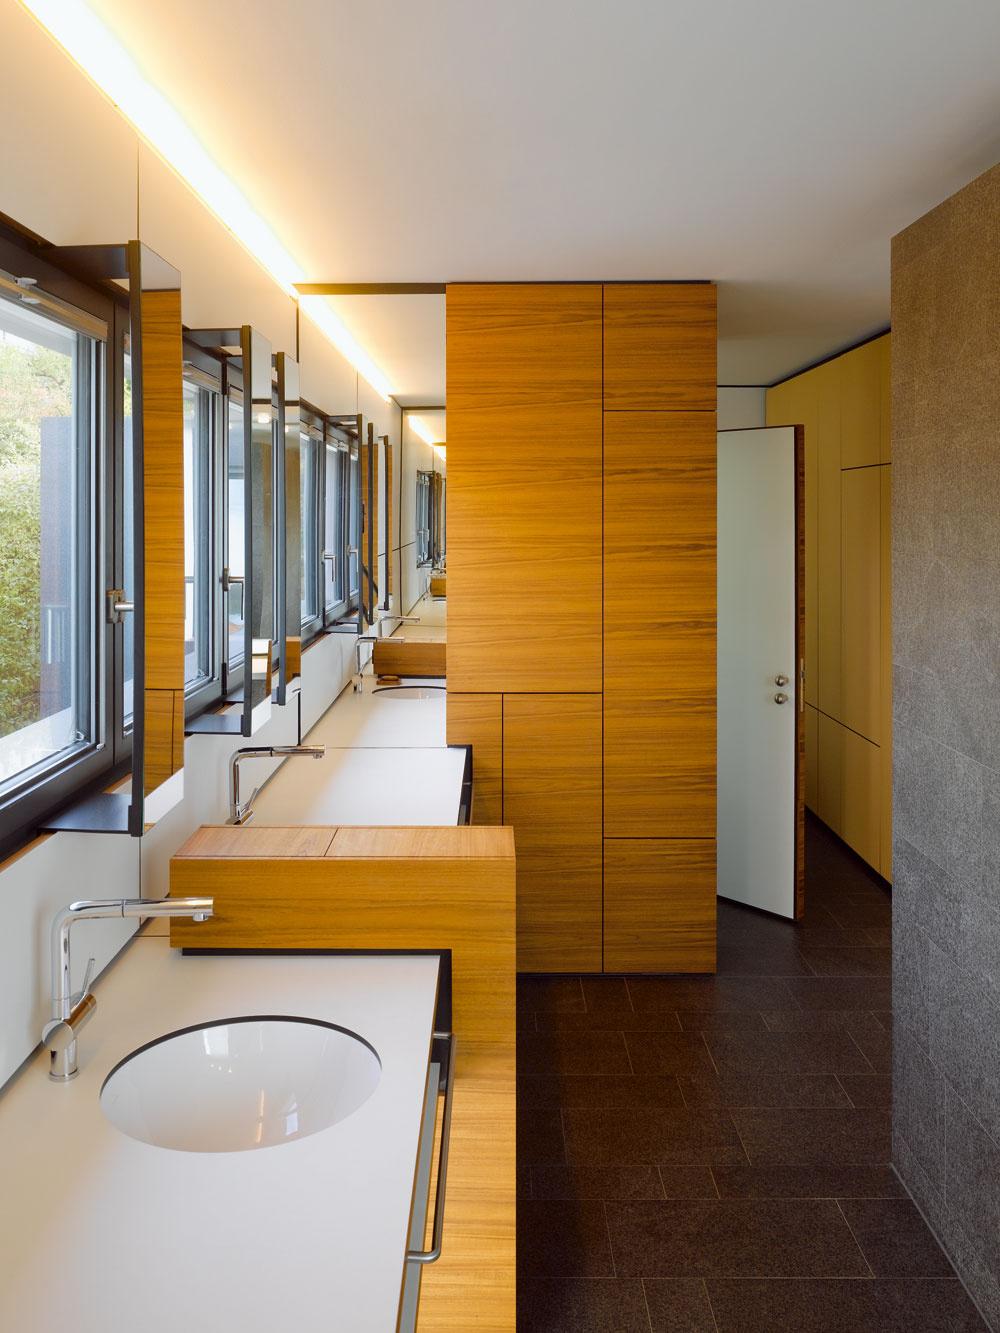 Vkúpeľni pri spálni rodičov spásovým oknom, ktorým ráno príjemne prenikajú slnečné lúče, upúta tíkové drevo nábytku. Pootvorené dvere prikrývajú priestor, ktorý majitelia využívajú ako malú pracovňu. Vpravo je deliaca stena sprchy sbazaltovým obkladom, rovnakým ako na dlažbách vcelom dome.